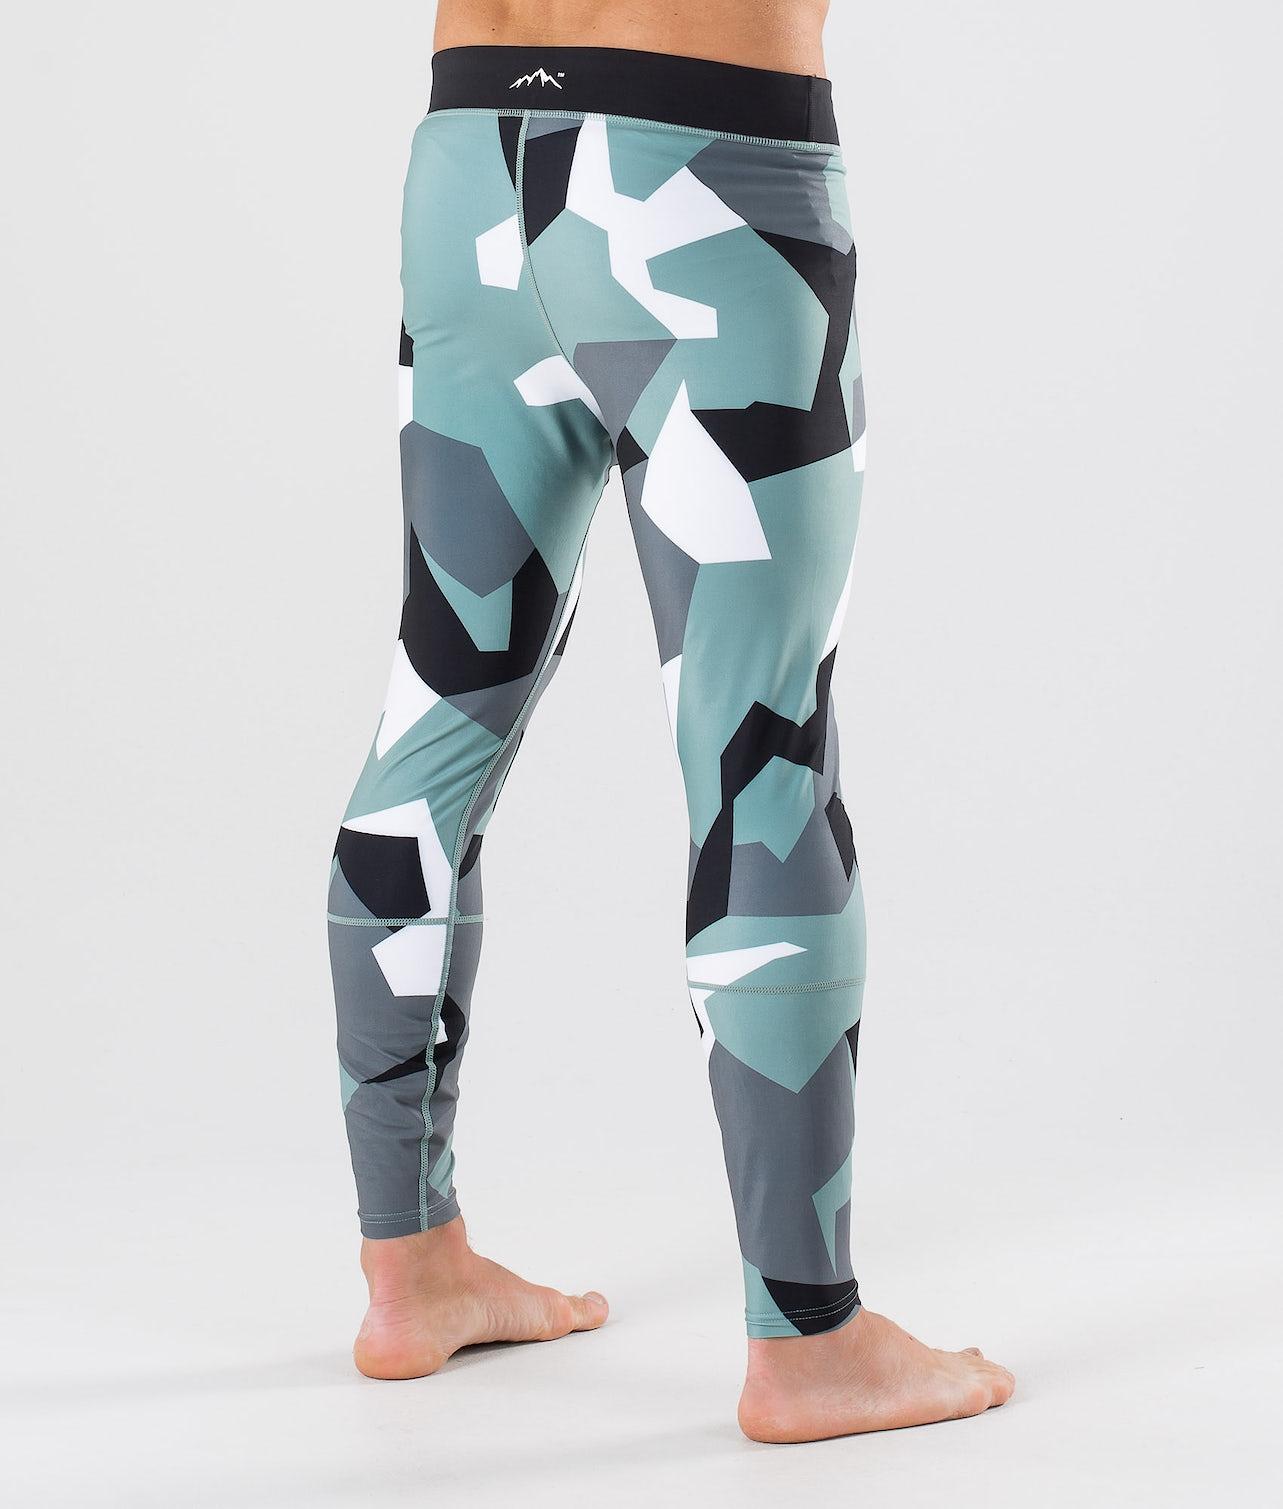 Kjøp Snuggle OG Superundertøy bukse fra Dope på Ridestore.no - Hos oss har du alltid fri frakt, fri retur og 30 dagers åpent kjøp!